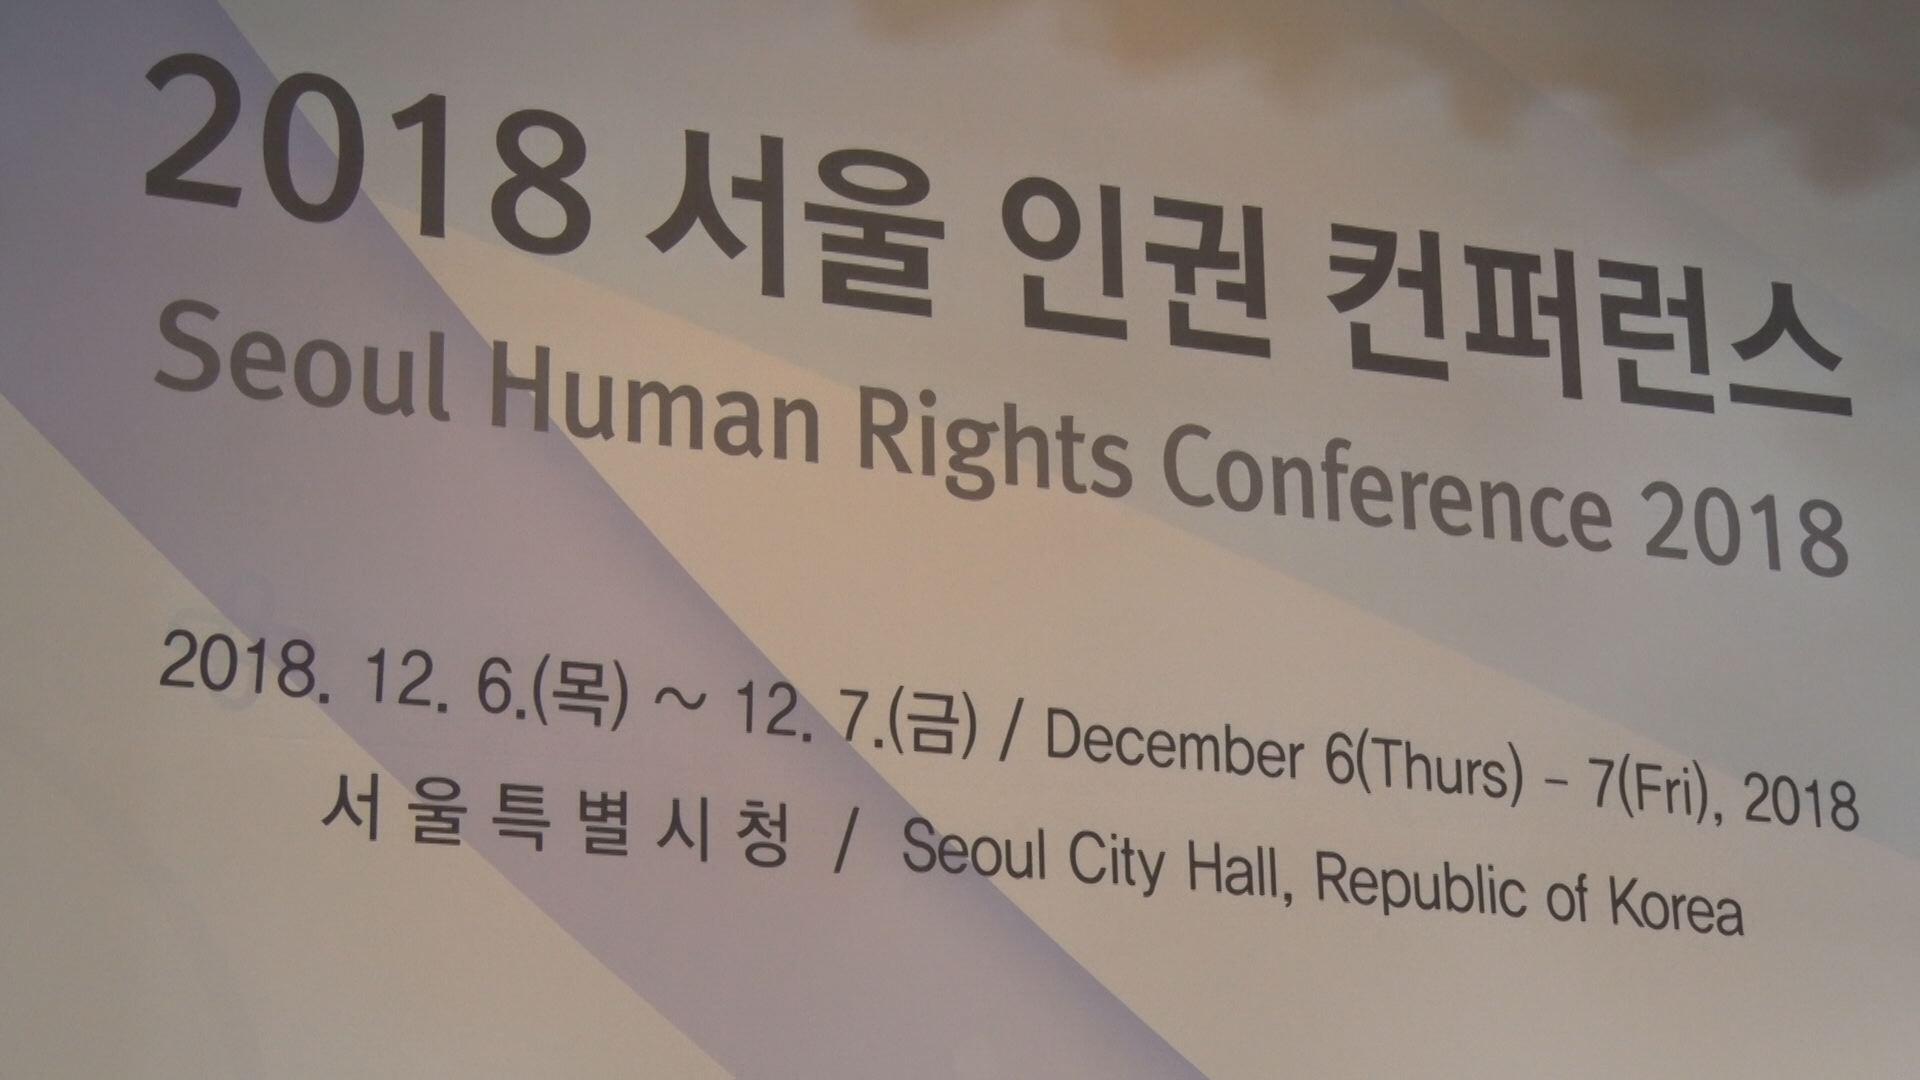 """박원순 시장, """"인권감수성 높은 도시 만드는 게 목표"""""""